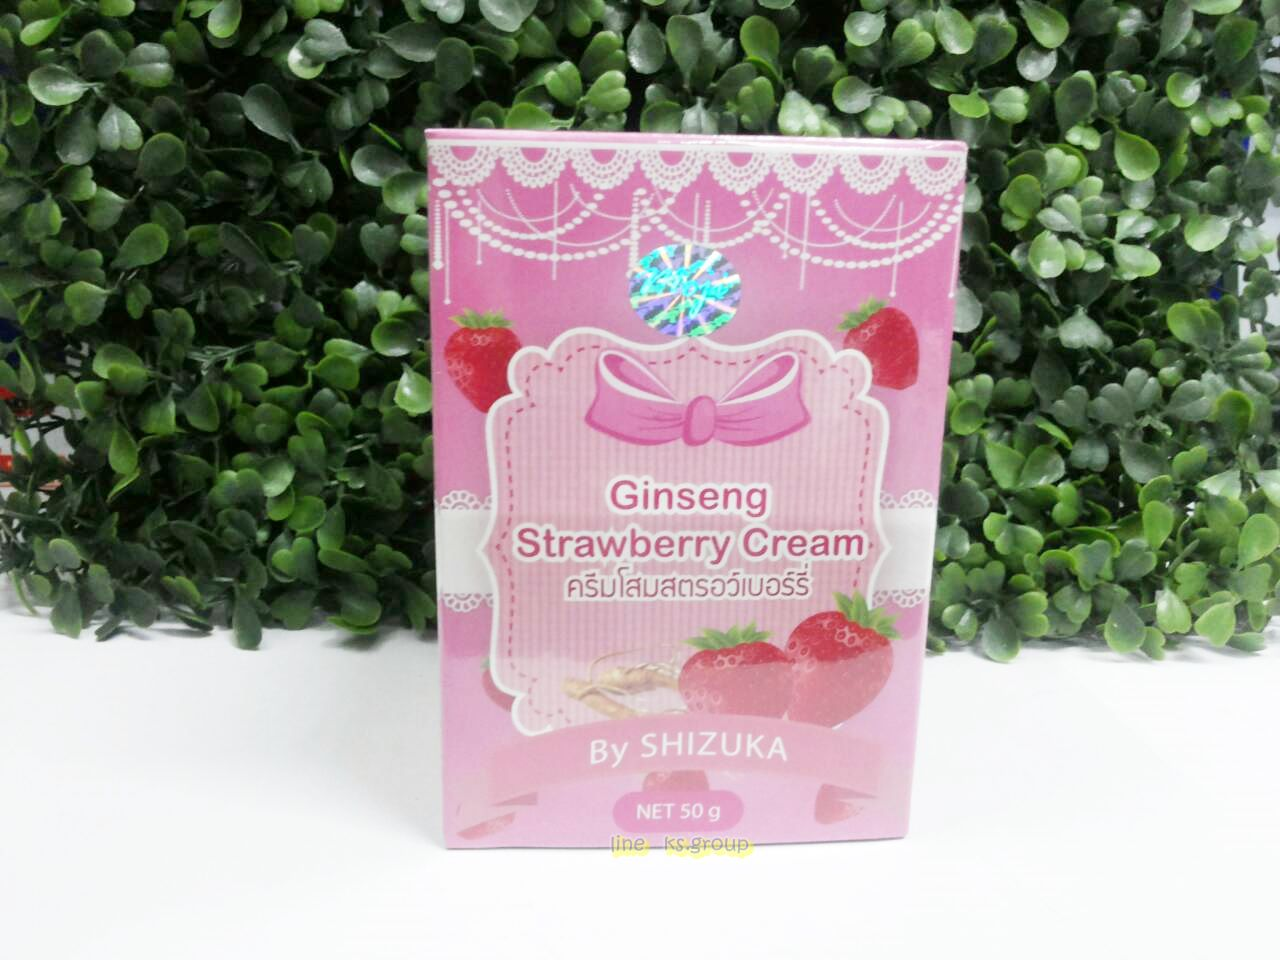 ครีมโสมสตรอว์เบอร์รี่ Gingseng strawberry Cream By Shizuka ขยันทาทุกวันขาวชัวร์